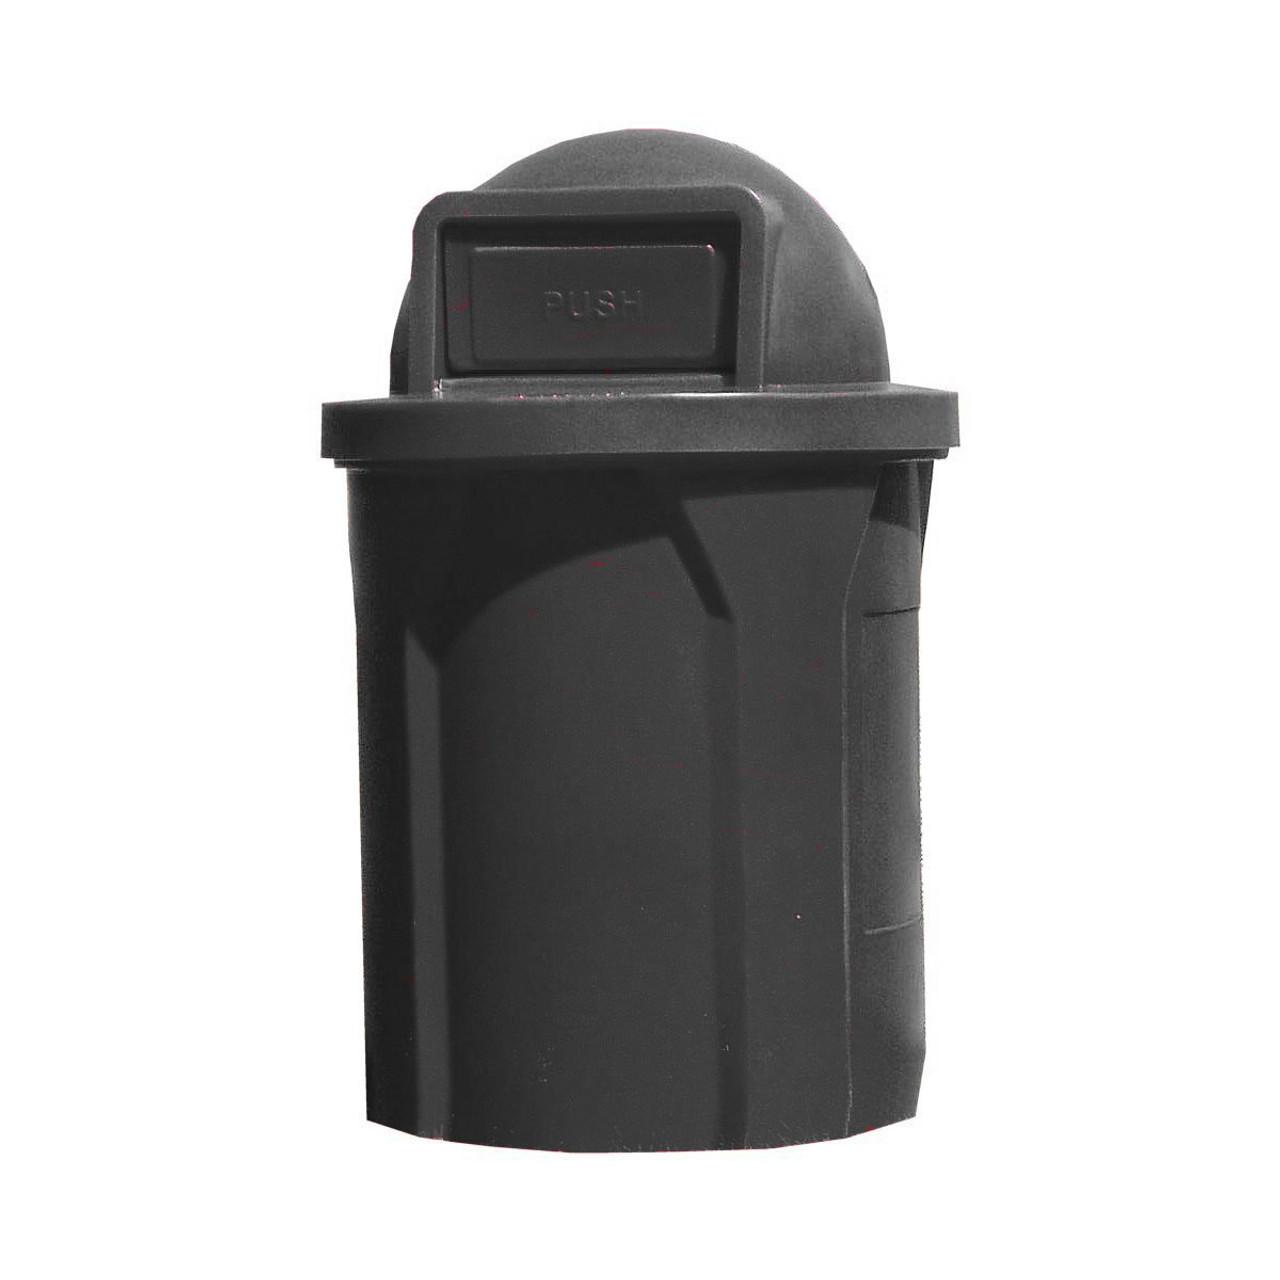 42 Gallon Kolor Can Indoor Outdoor Trash Receptacle S7101A Push Door BLACK